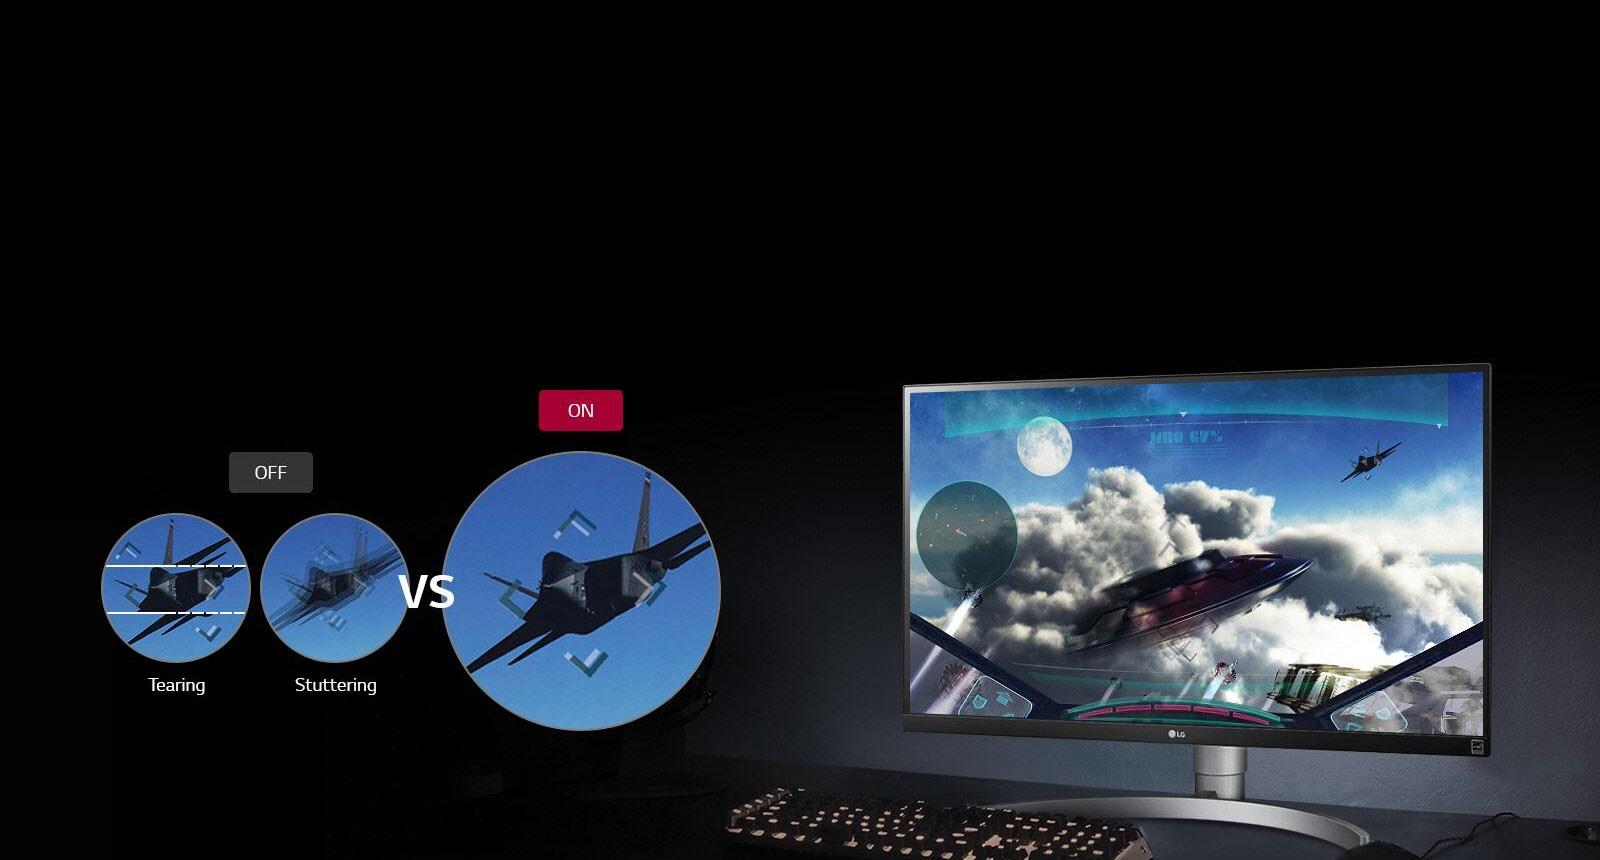 LG 27UK600-W LED Monitor w HDR 10 | Techbuy Australia